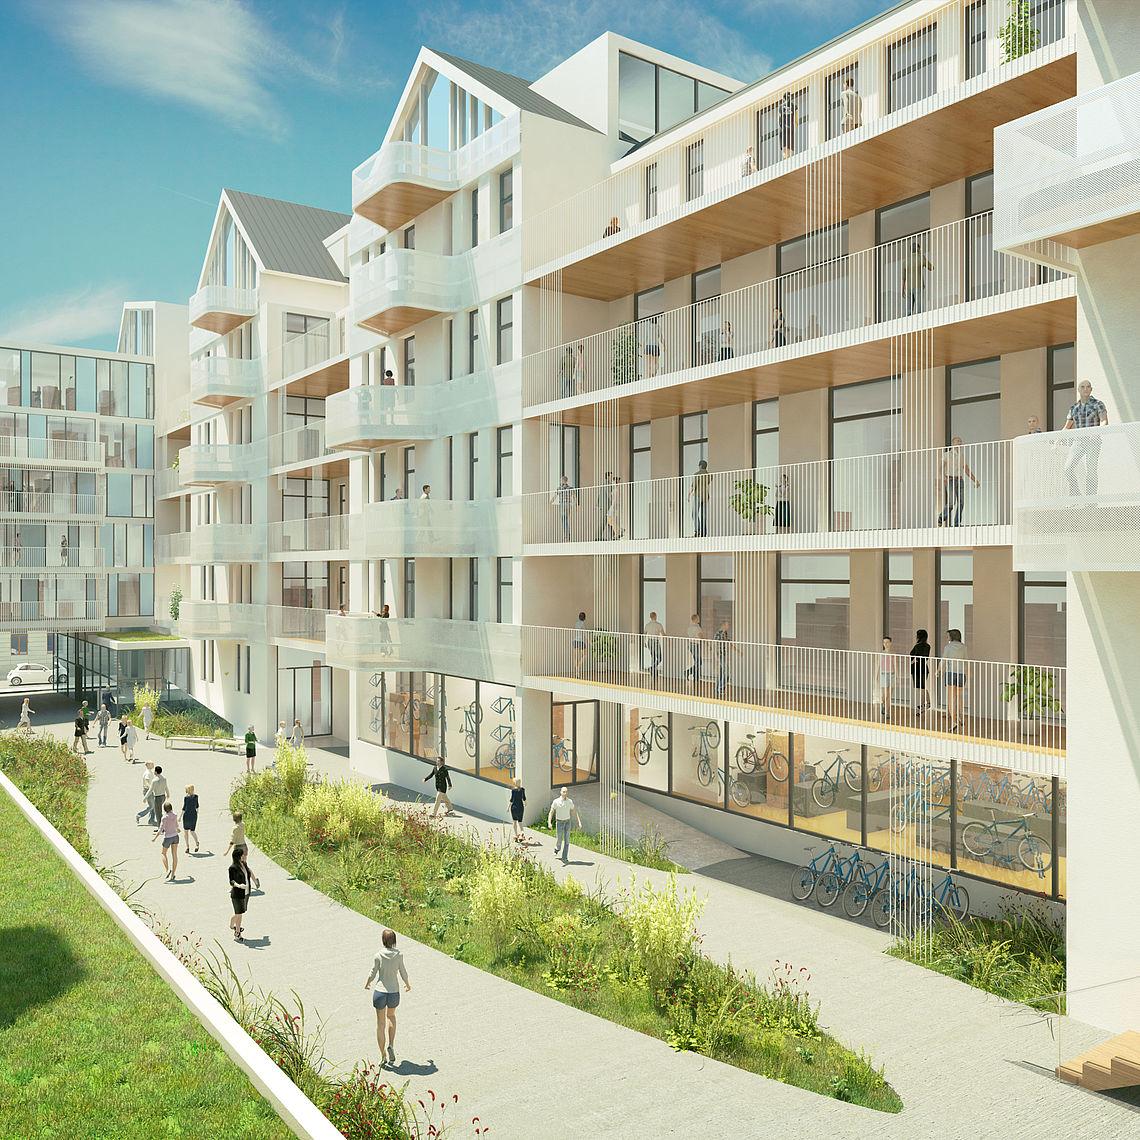 S IMMO Entwicklungsprojekt Siebenbrunnengasse in Wien